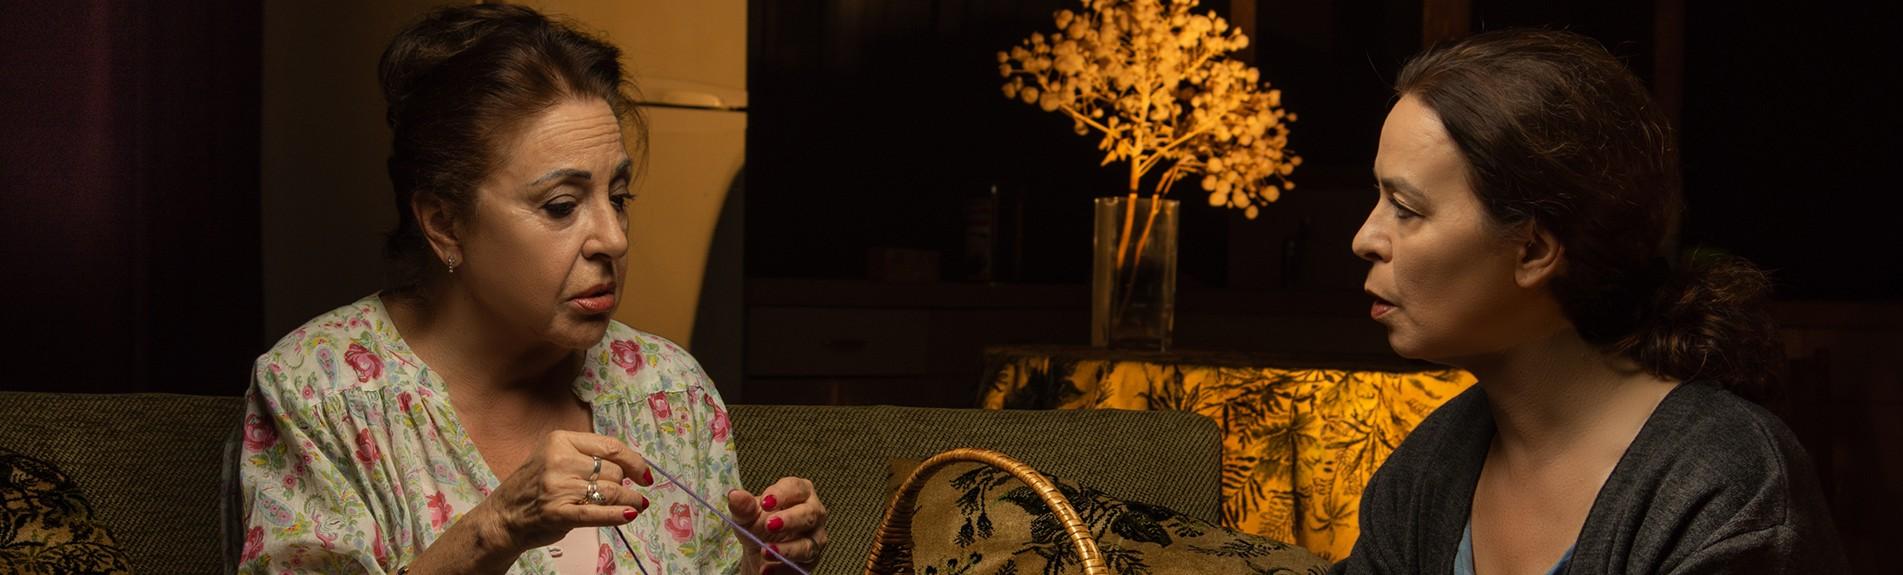 ΟΙ ΠΡΩΤΕΣ ΦΩΤΟΓΡΑΦΙΕΣ ΤΗΣ ΠΑΡΑΣΤΑΣΗΣ 'ΚΑΛΗΝΥΧΤΑ ΜΗΤΕΡΑ'